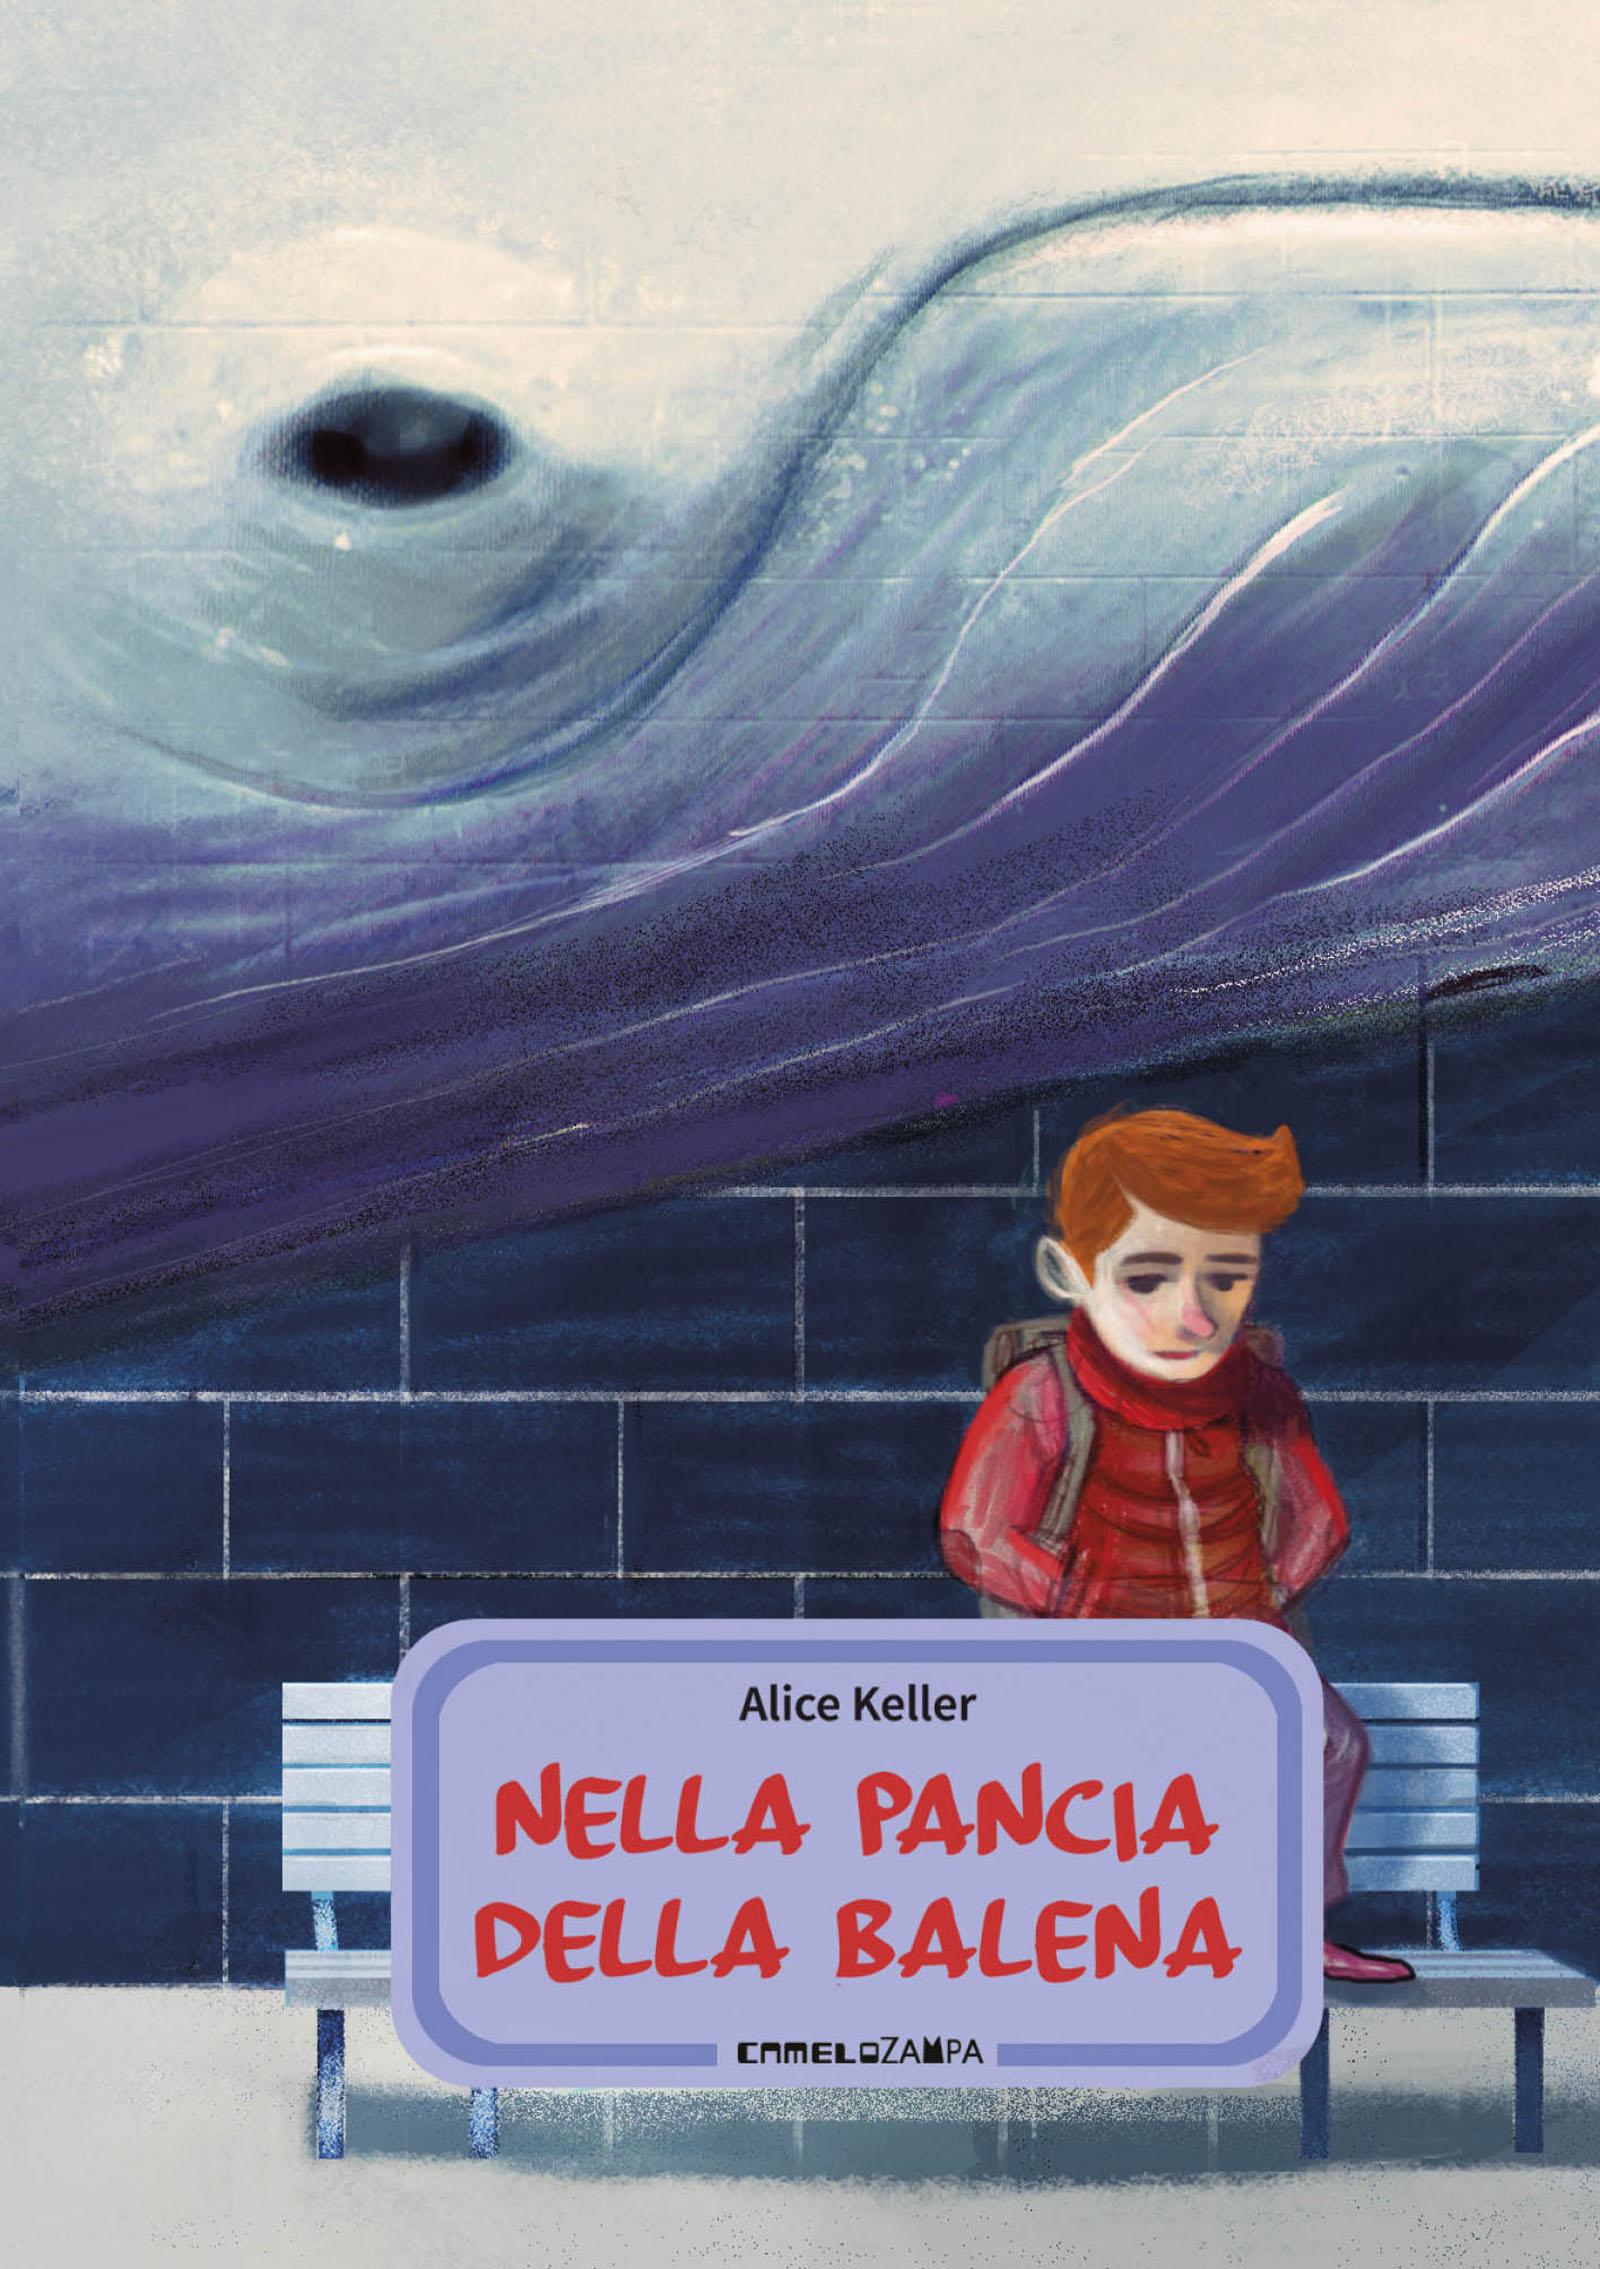 Nella pancia della balena - Casa Editrice Camelozampa